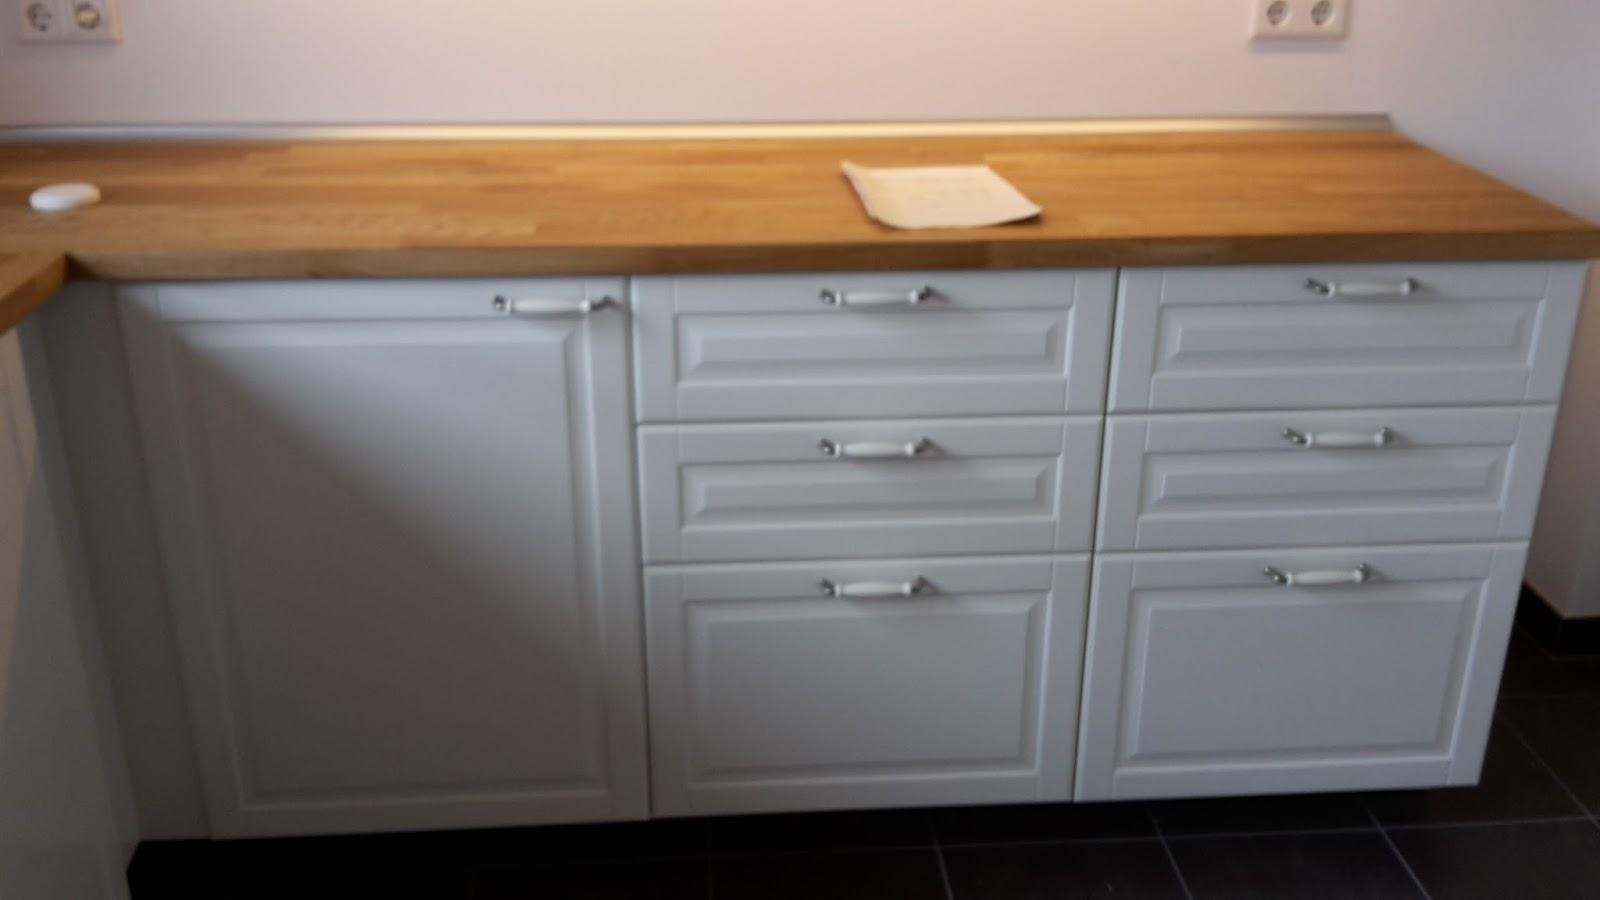 Steckdosen arbeitsplatte küche ecke ecksteckdose küche ikea